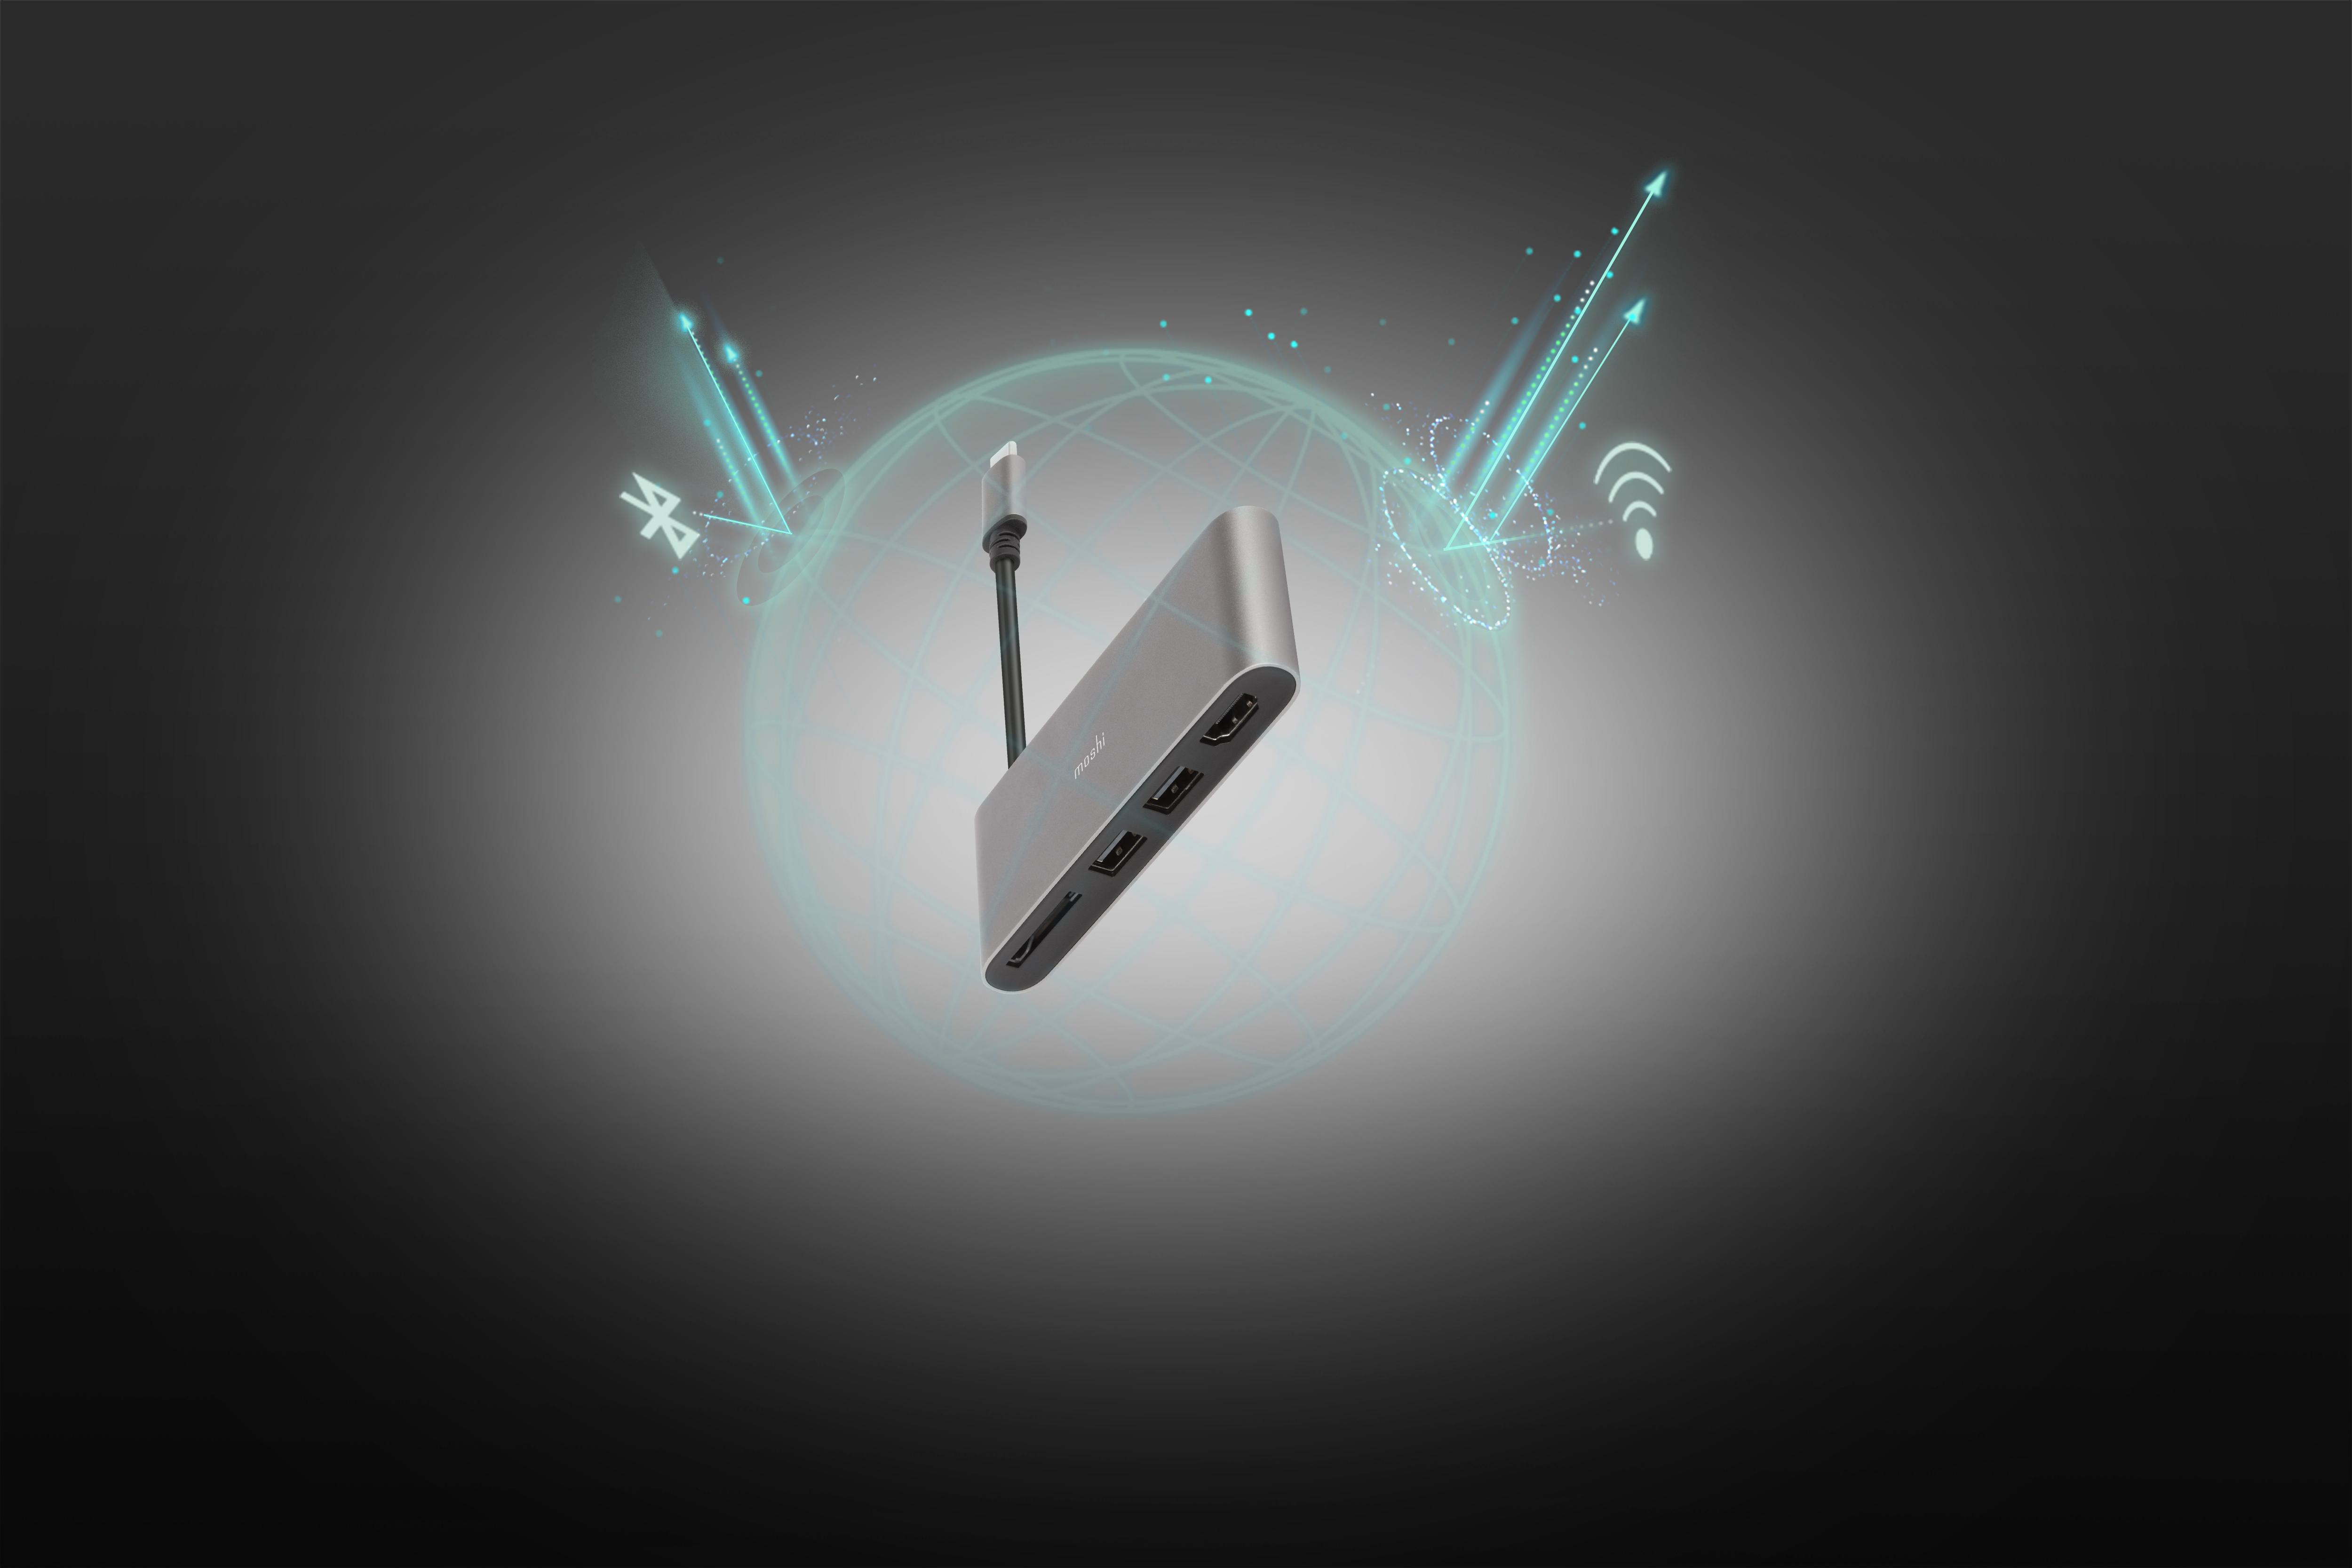 我们的适配器采用航空级铝合金外壳,不仅降低电磁干扰,还能装点您的设备。